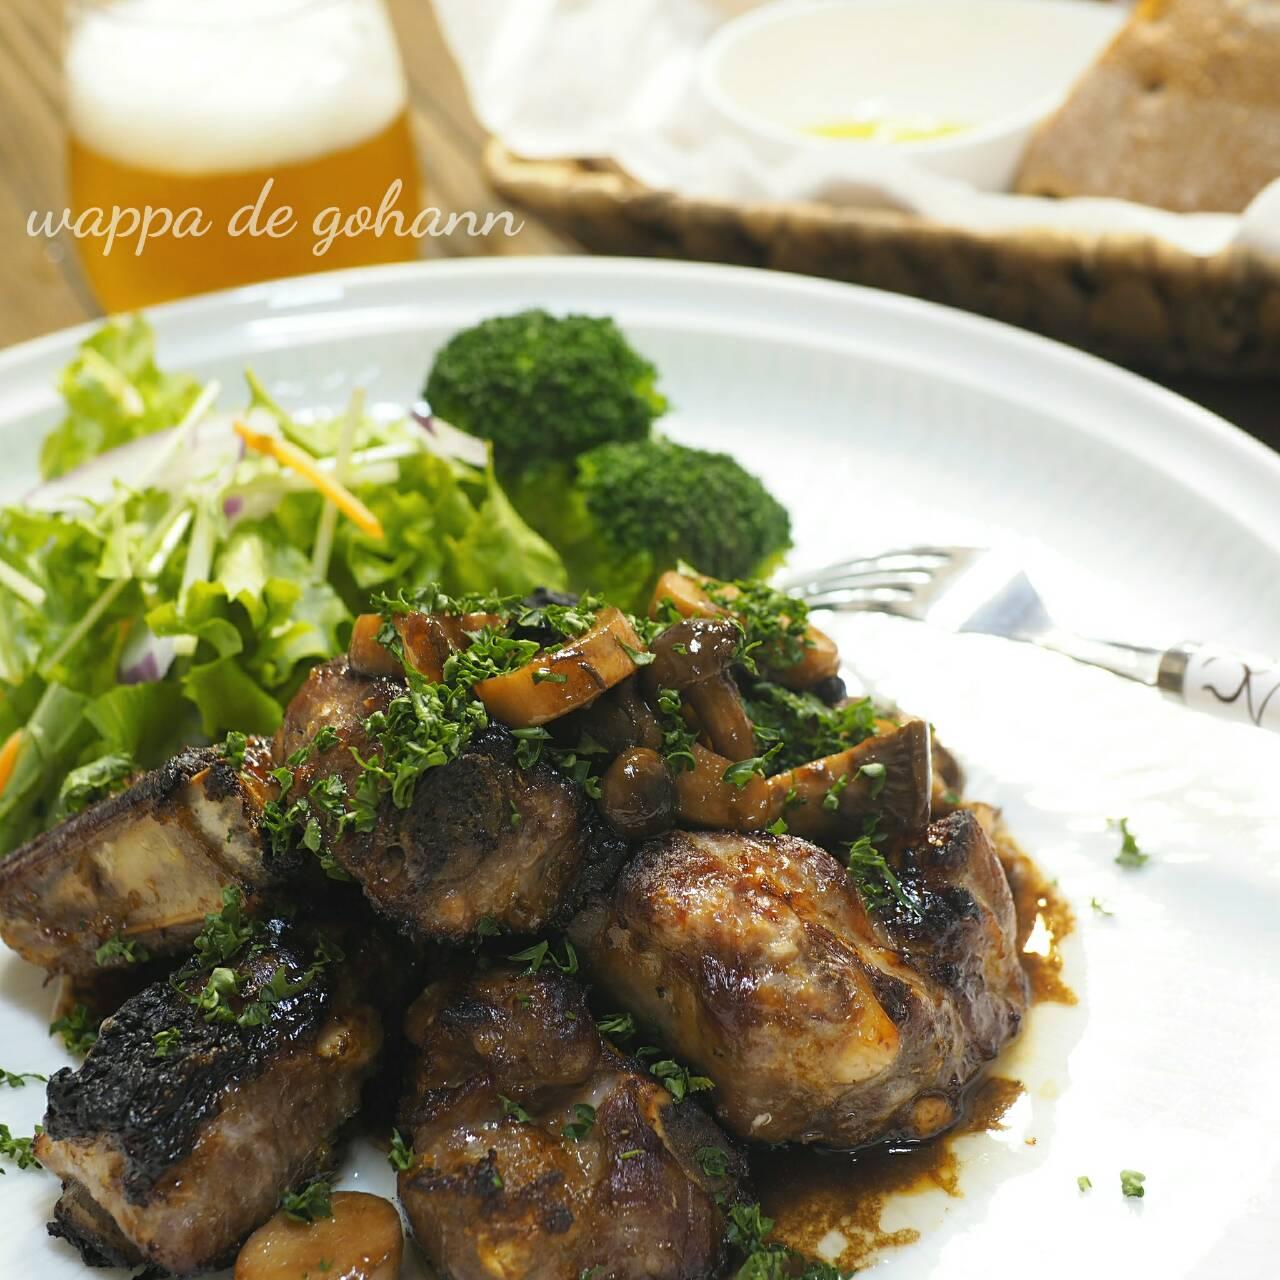 スペアリブの香草焼き